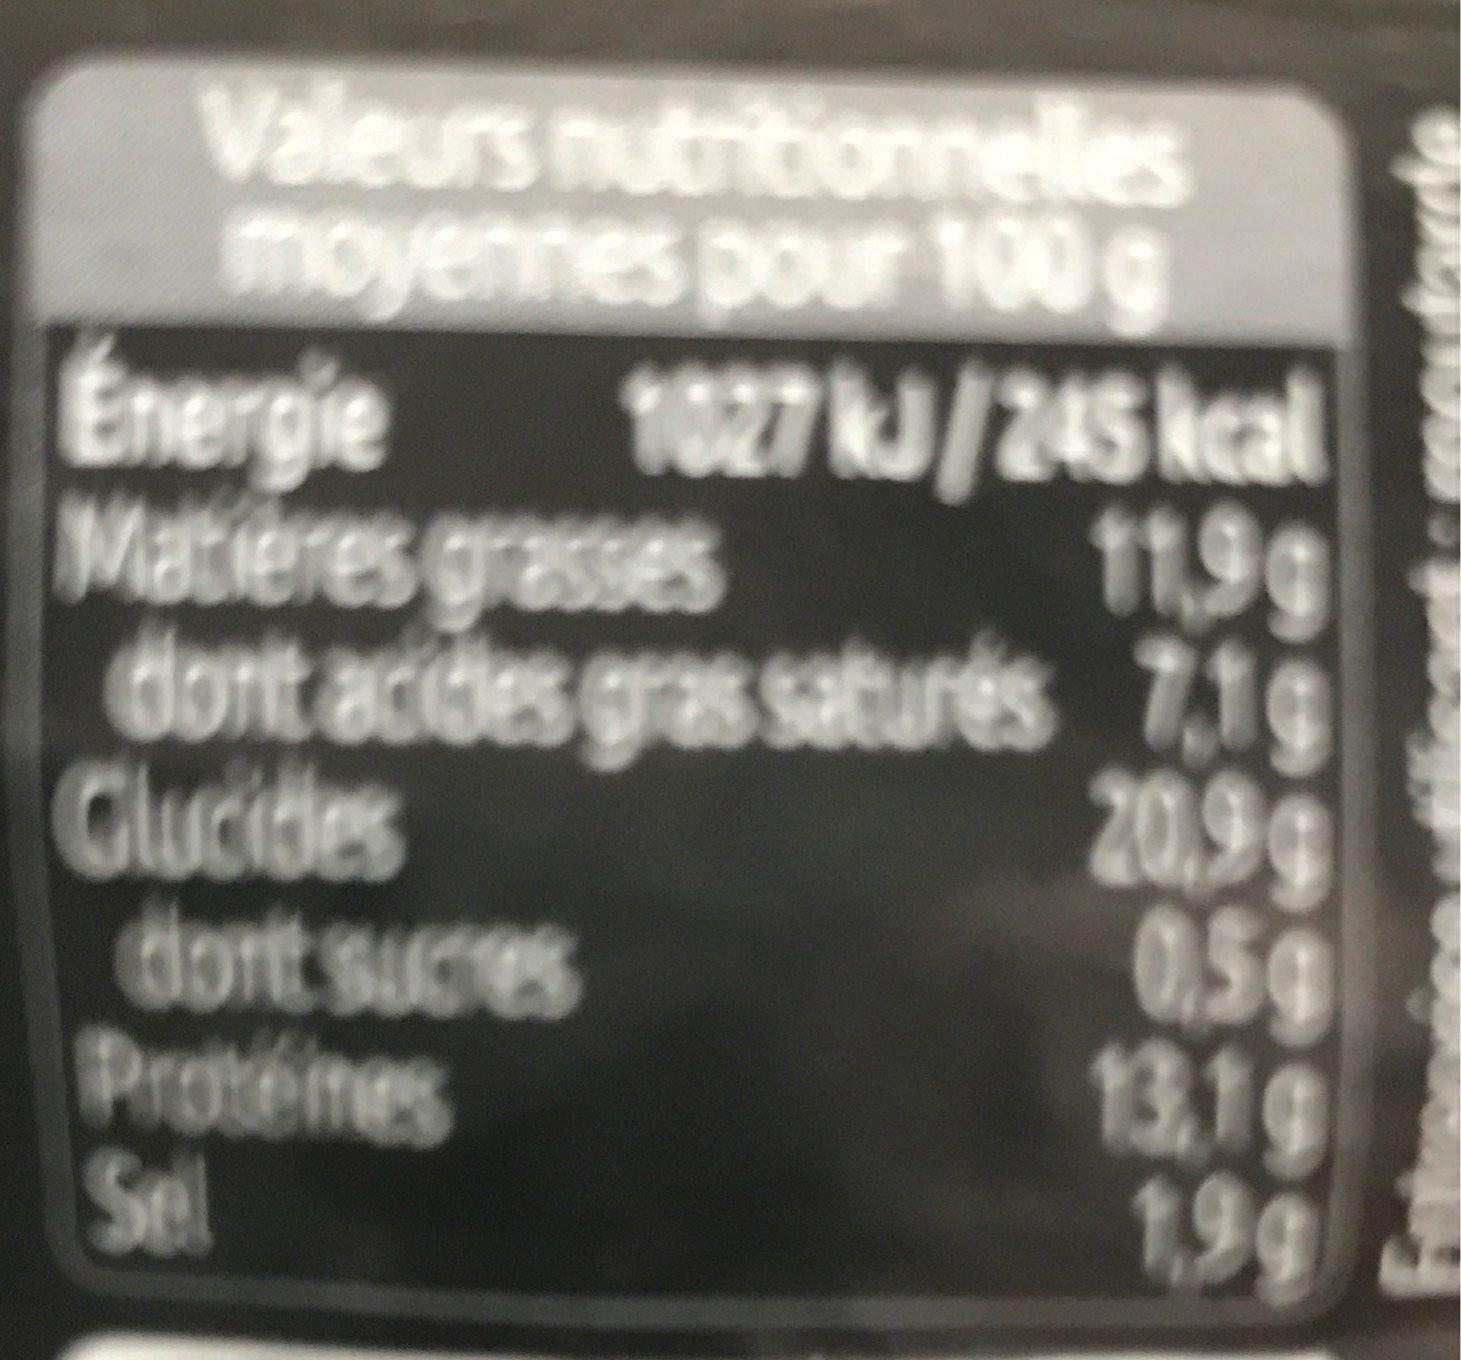 Filet mignon en croûte - Informations nutritionnelles